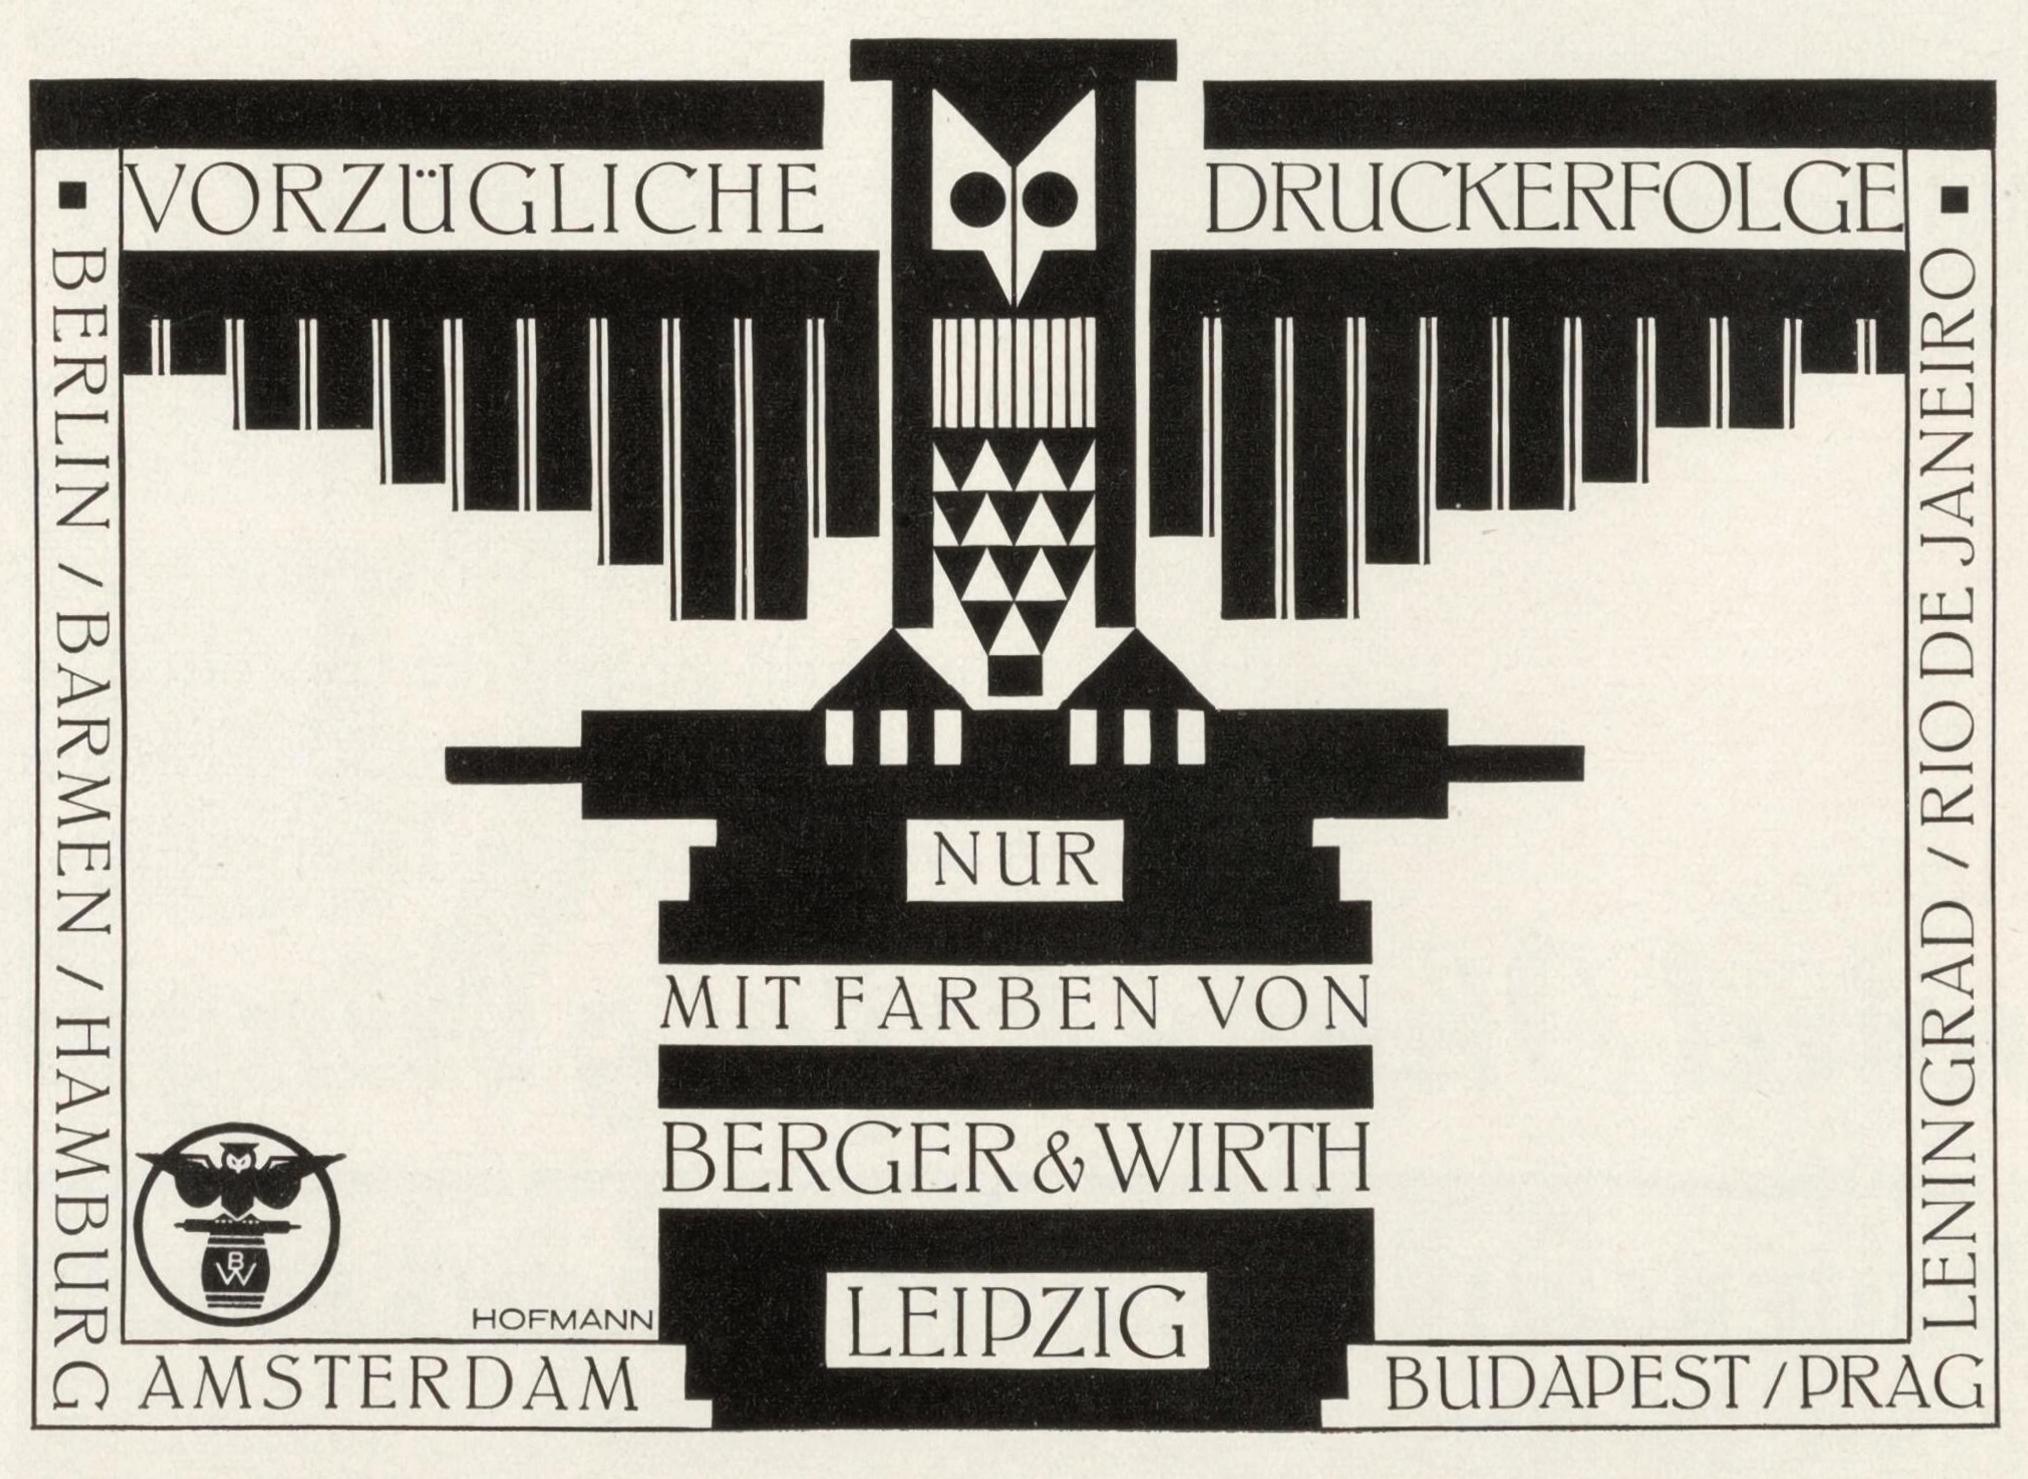 """Vorzügliche Druckerfolge"""" ad by Berger & Wirth - Fonts In Use"""